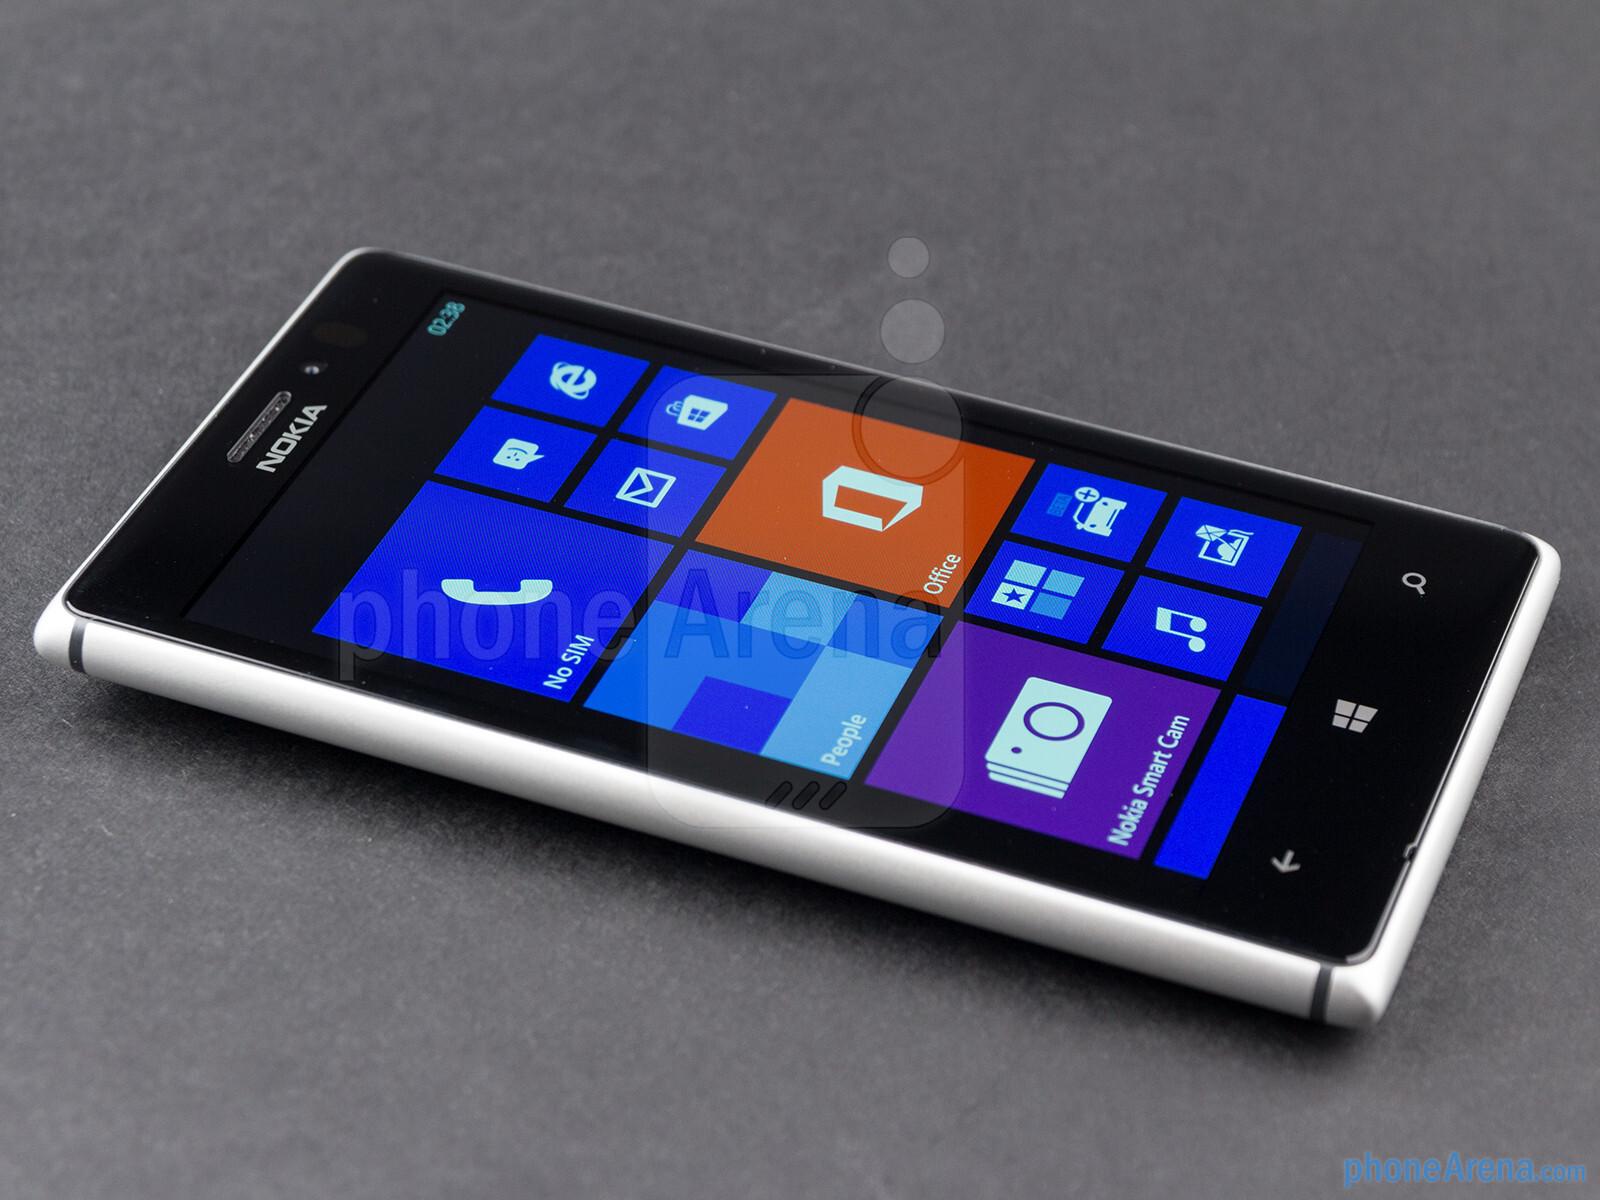 Nokia-Lumia-925-Review-039.jpg